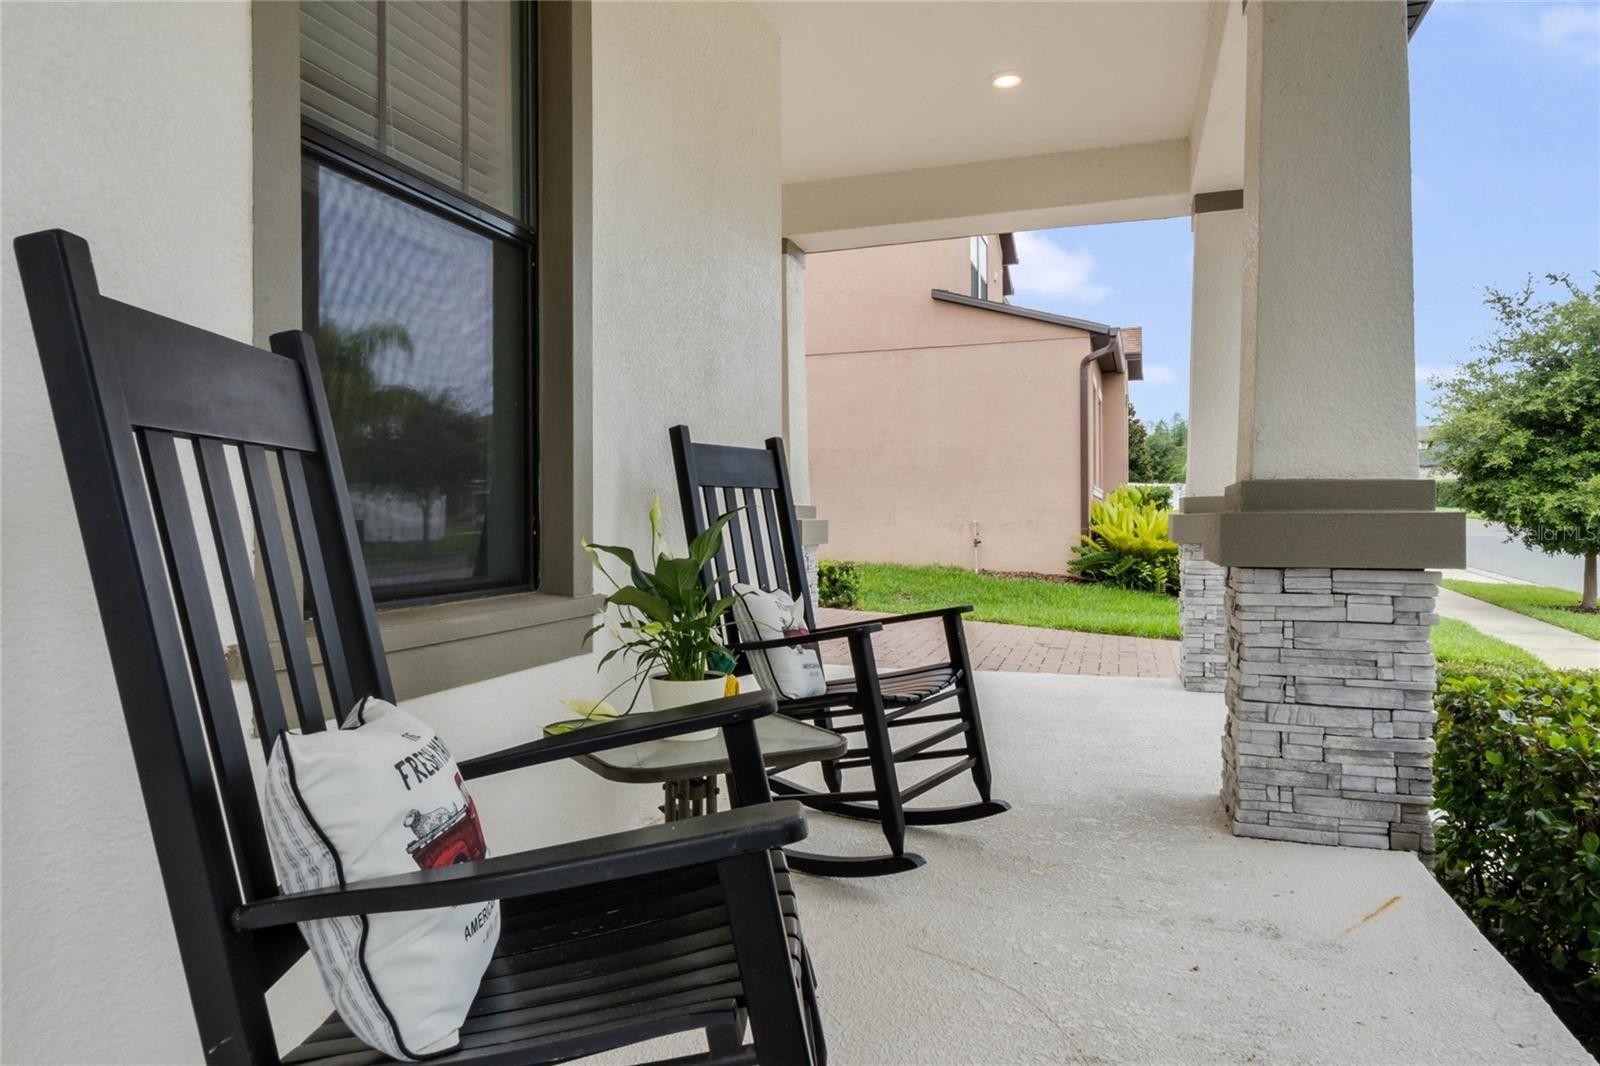 Photo of 7591 PURPLE FINCH STREET, WINTER GARDEN, FL 34787 (MLS # O5953782)